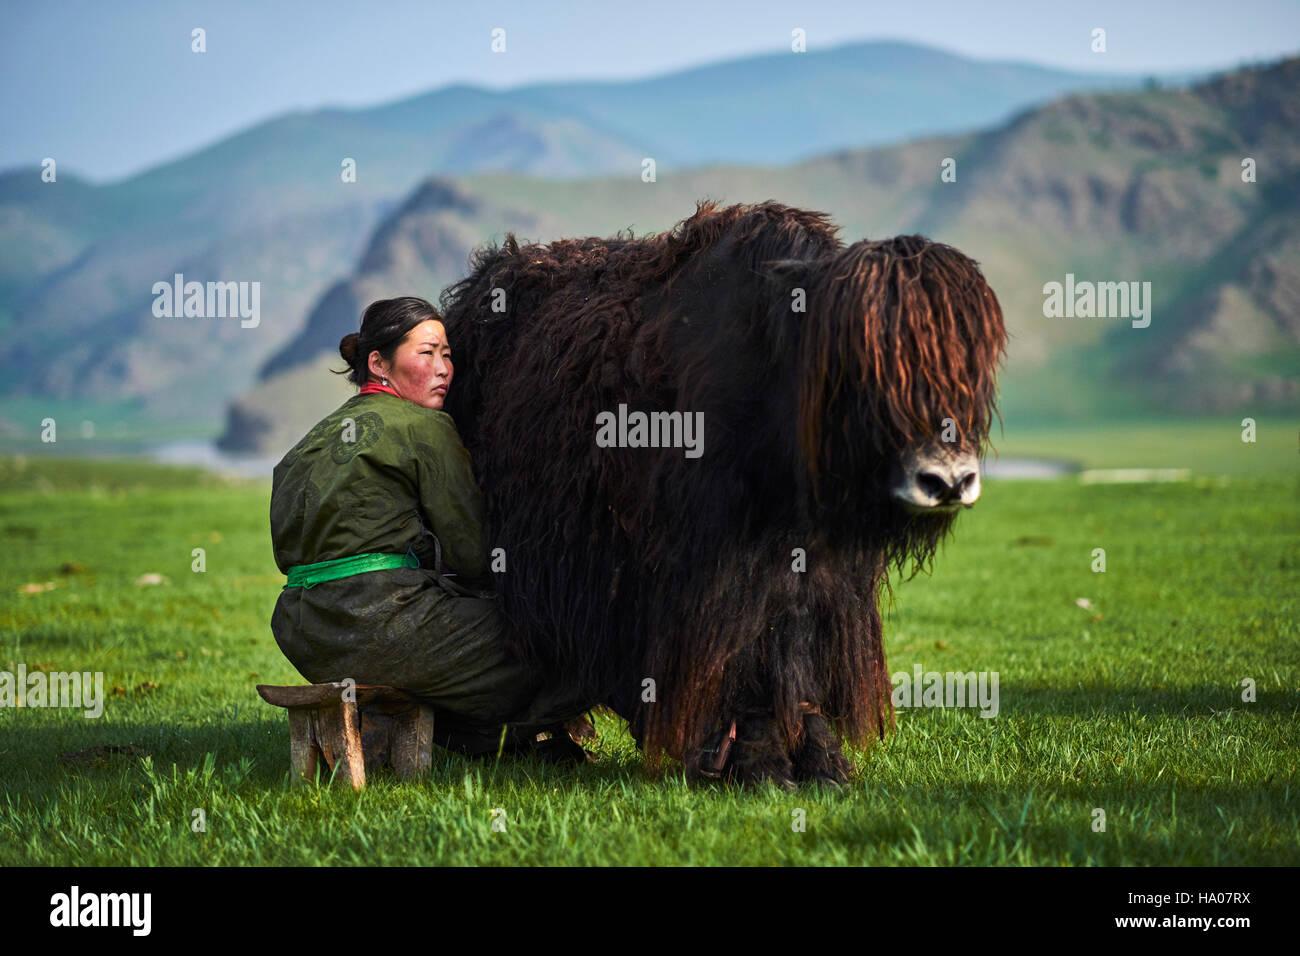 Mongolia, provincia Ovorkhangai, Orkhon Valley, campamento nómada, el yak ordeñar Imagen De Stock